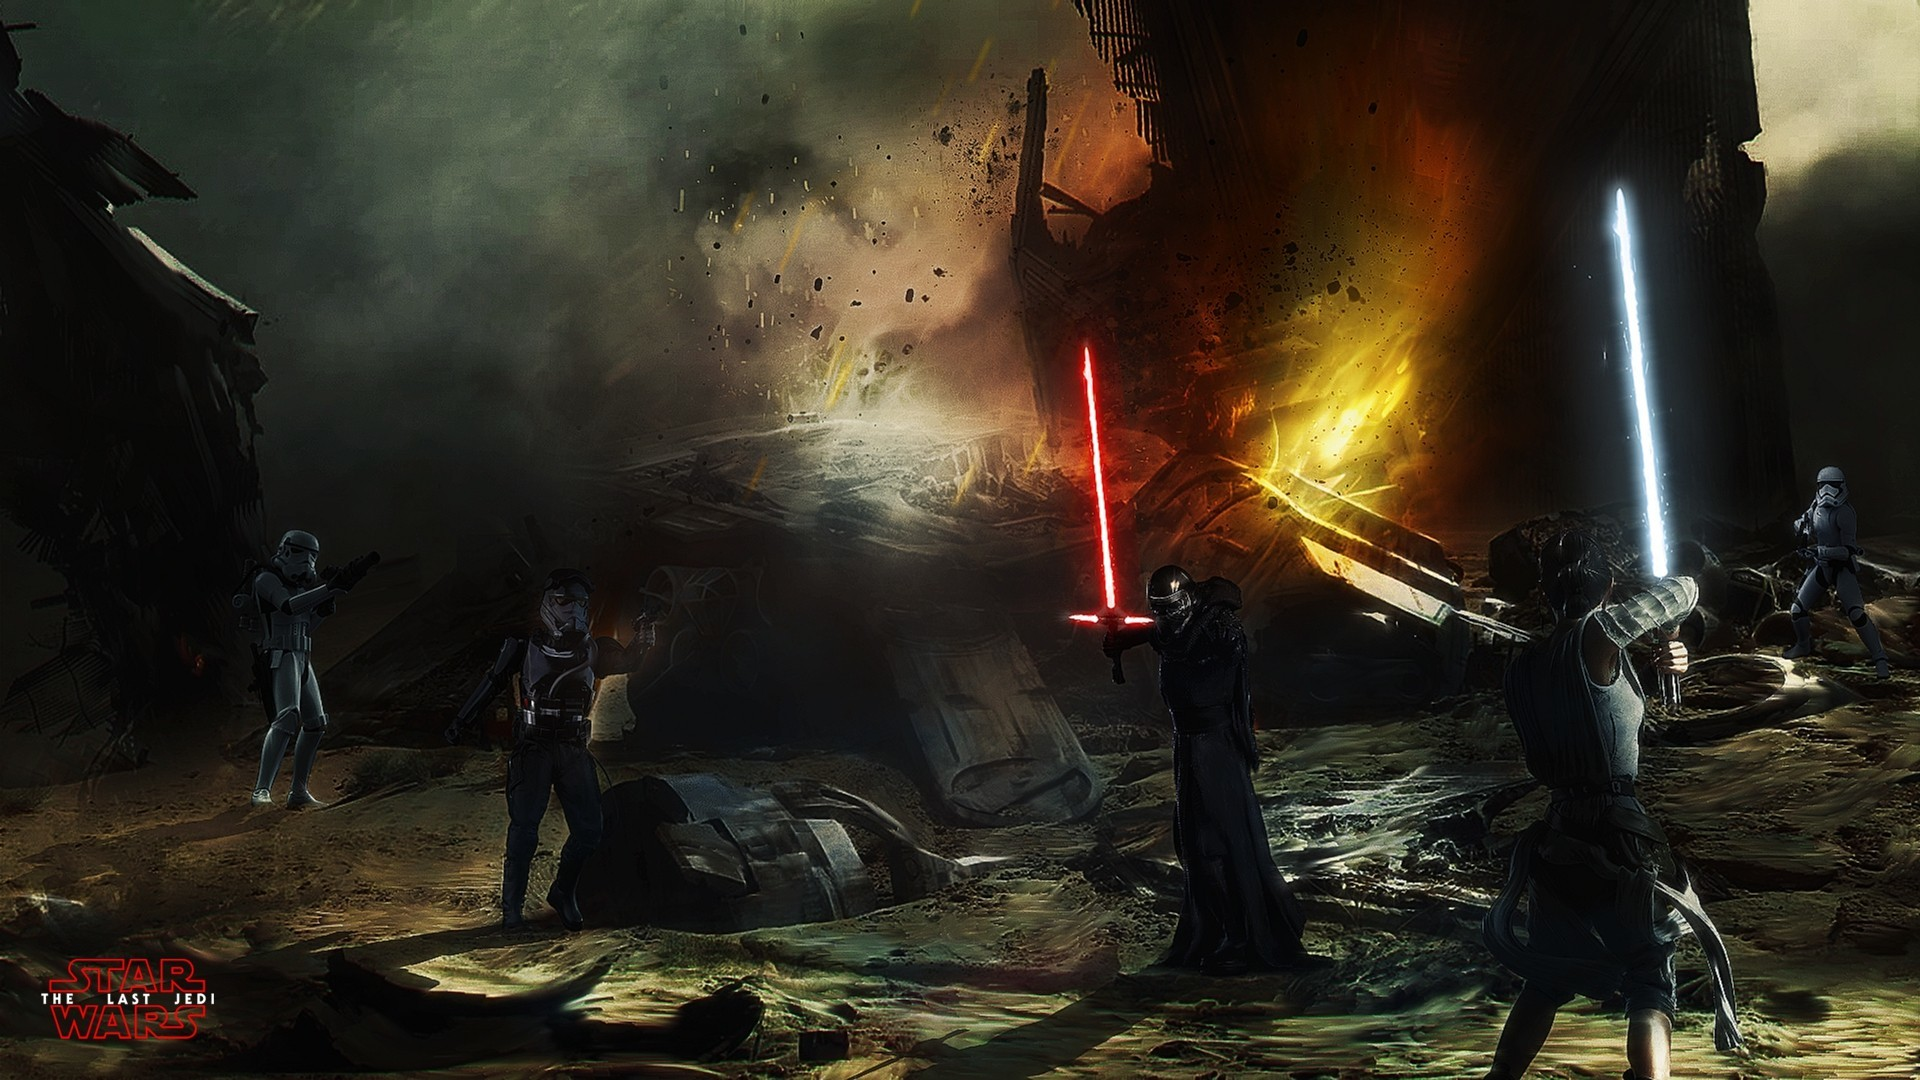 Kylo Ren, Stormtrooper, Star Wars: The Last Jedi, Star Wars: The Force  Awakens, Star Wars, Rey (from Star Wars), Lightsaber, Fan art Wallpapers HD  / Desktop …